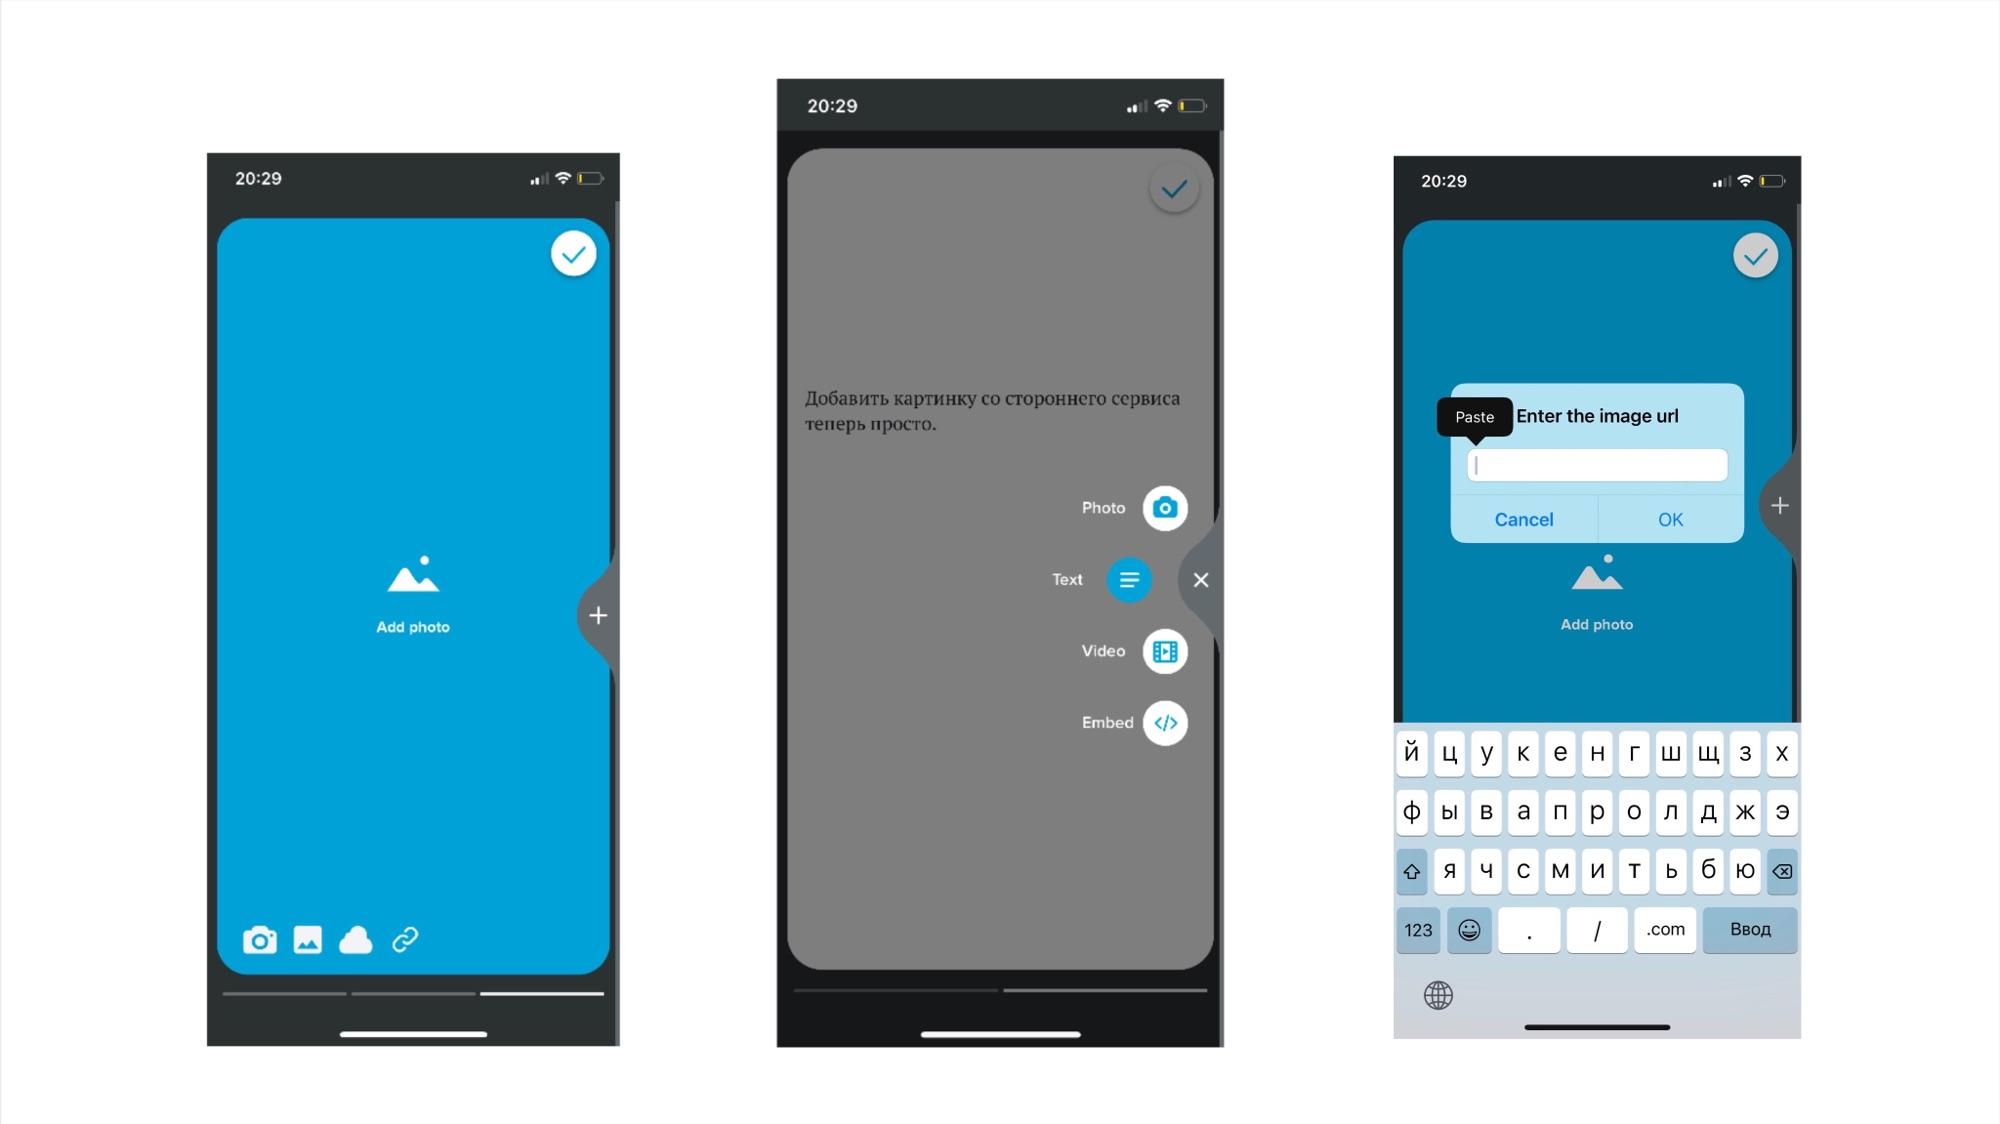 Добавление картинки в пост в мобильном приложении ЖЖ